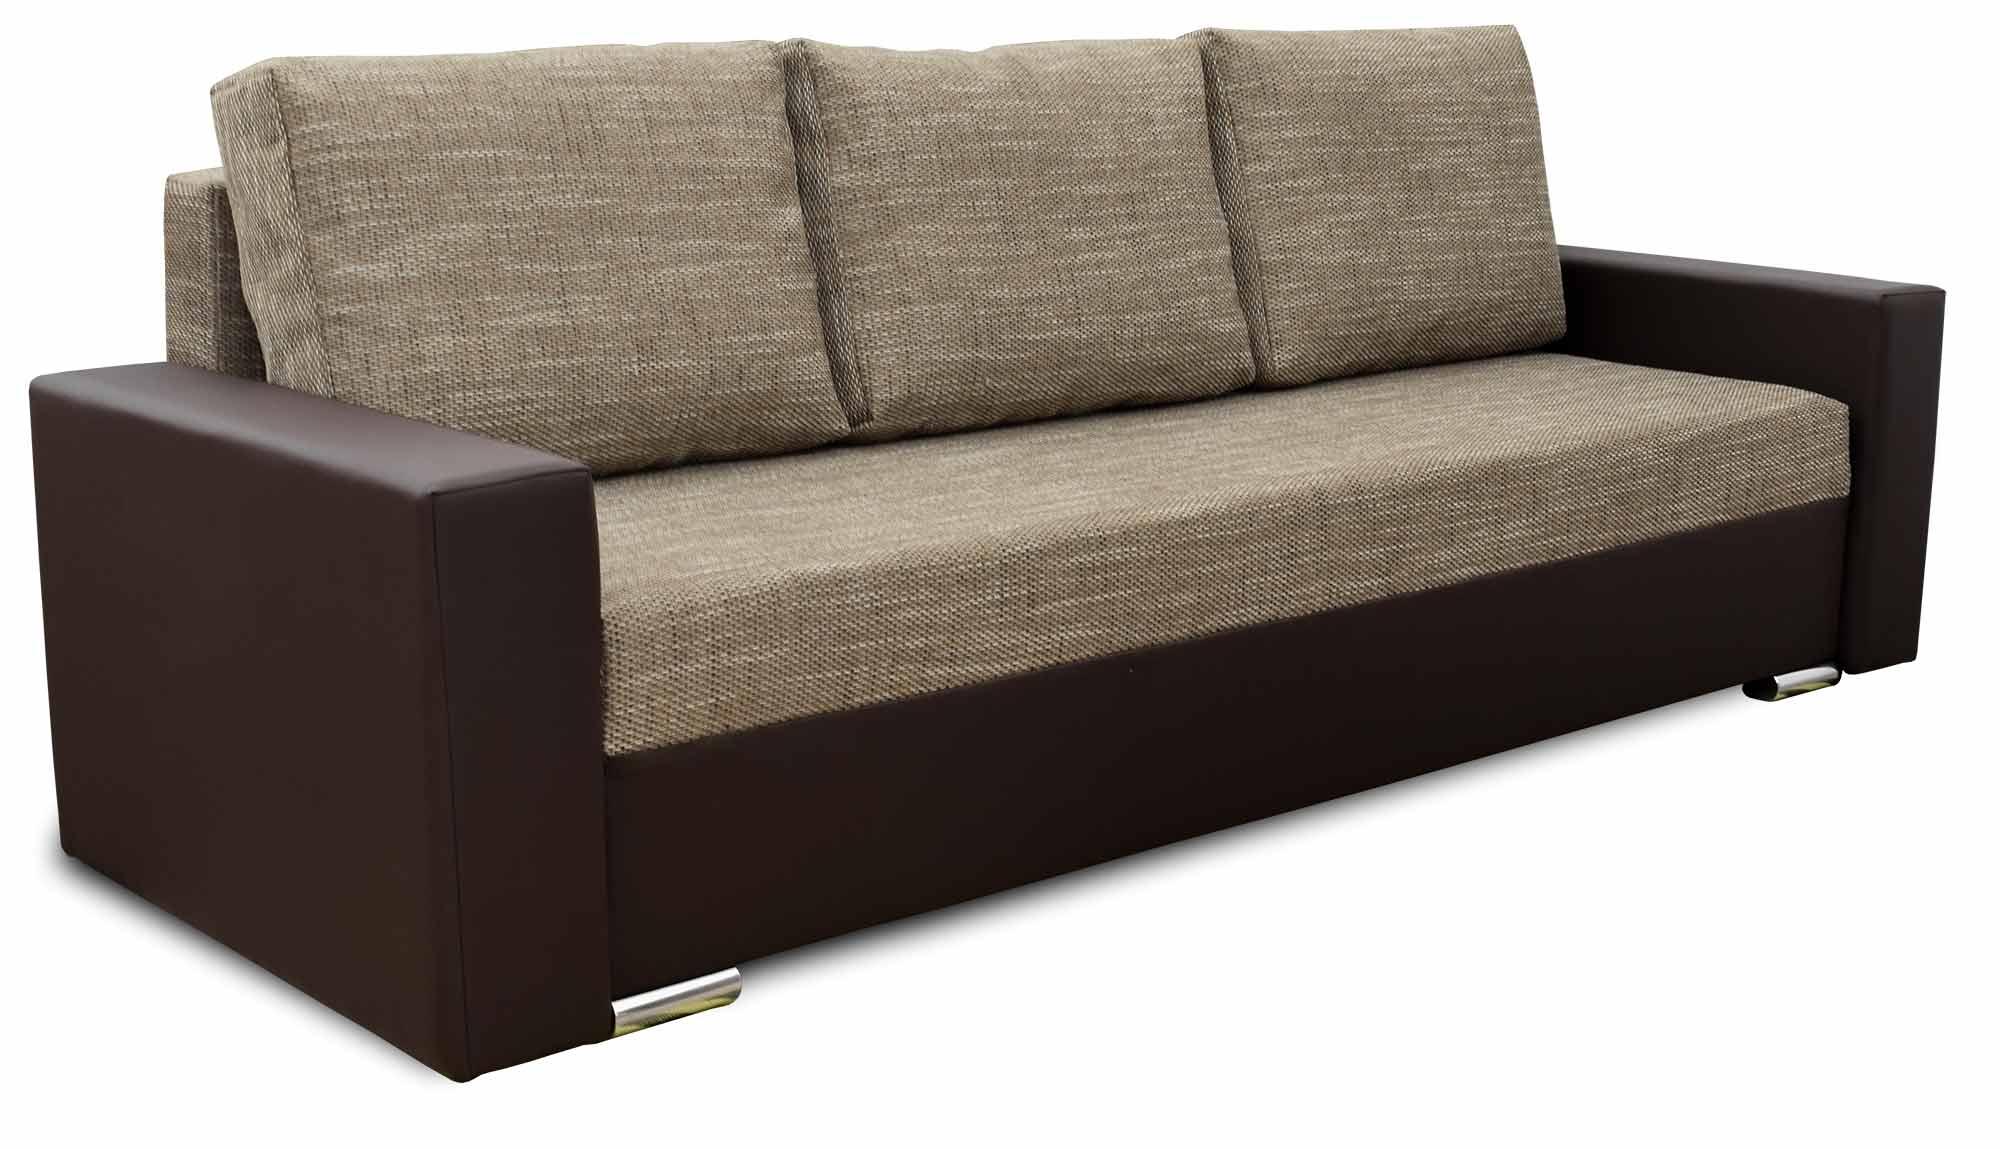 Spania Sofa Rozkładana Bird Kl